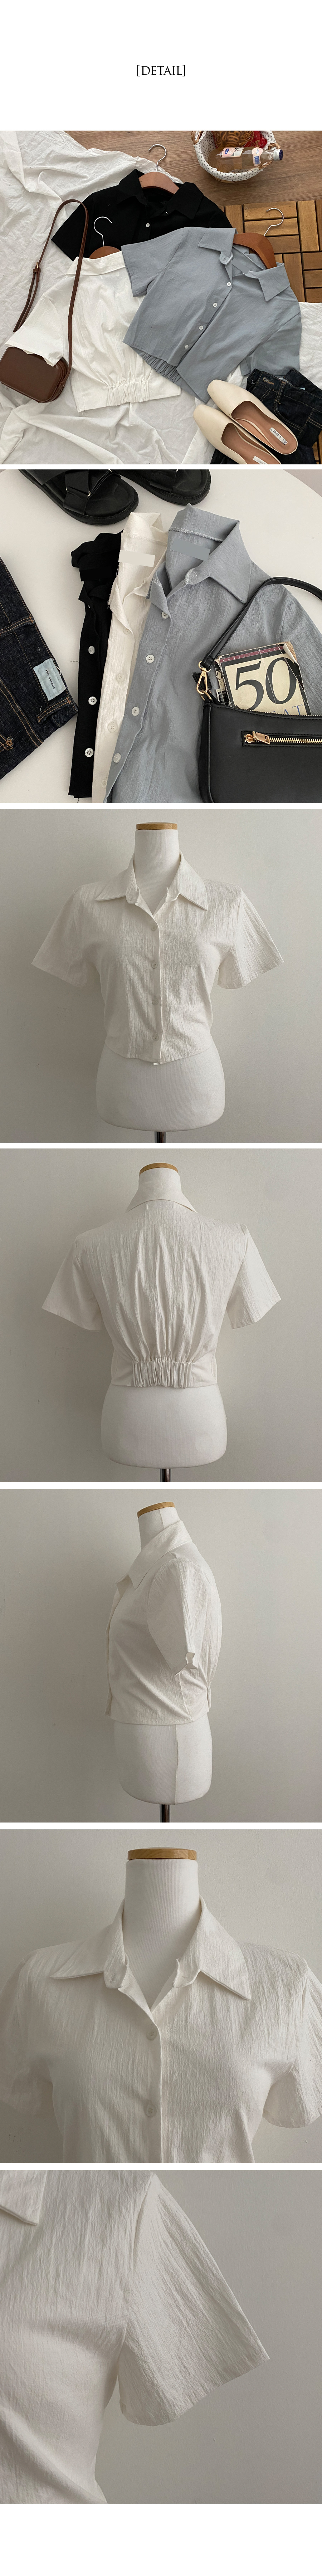 Sheath Back Banding Crop Shirt Shirt